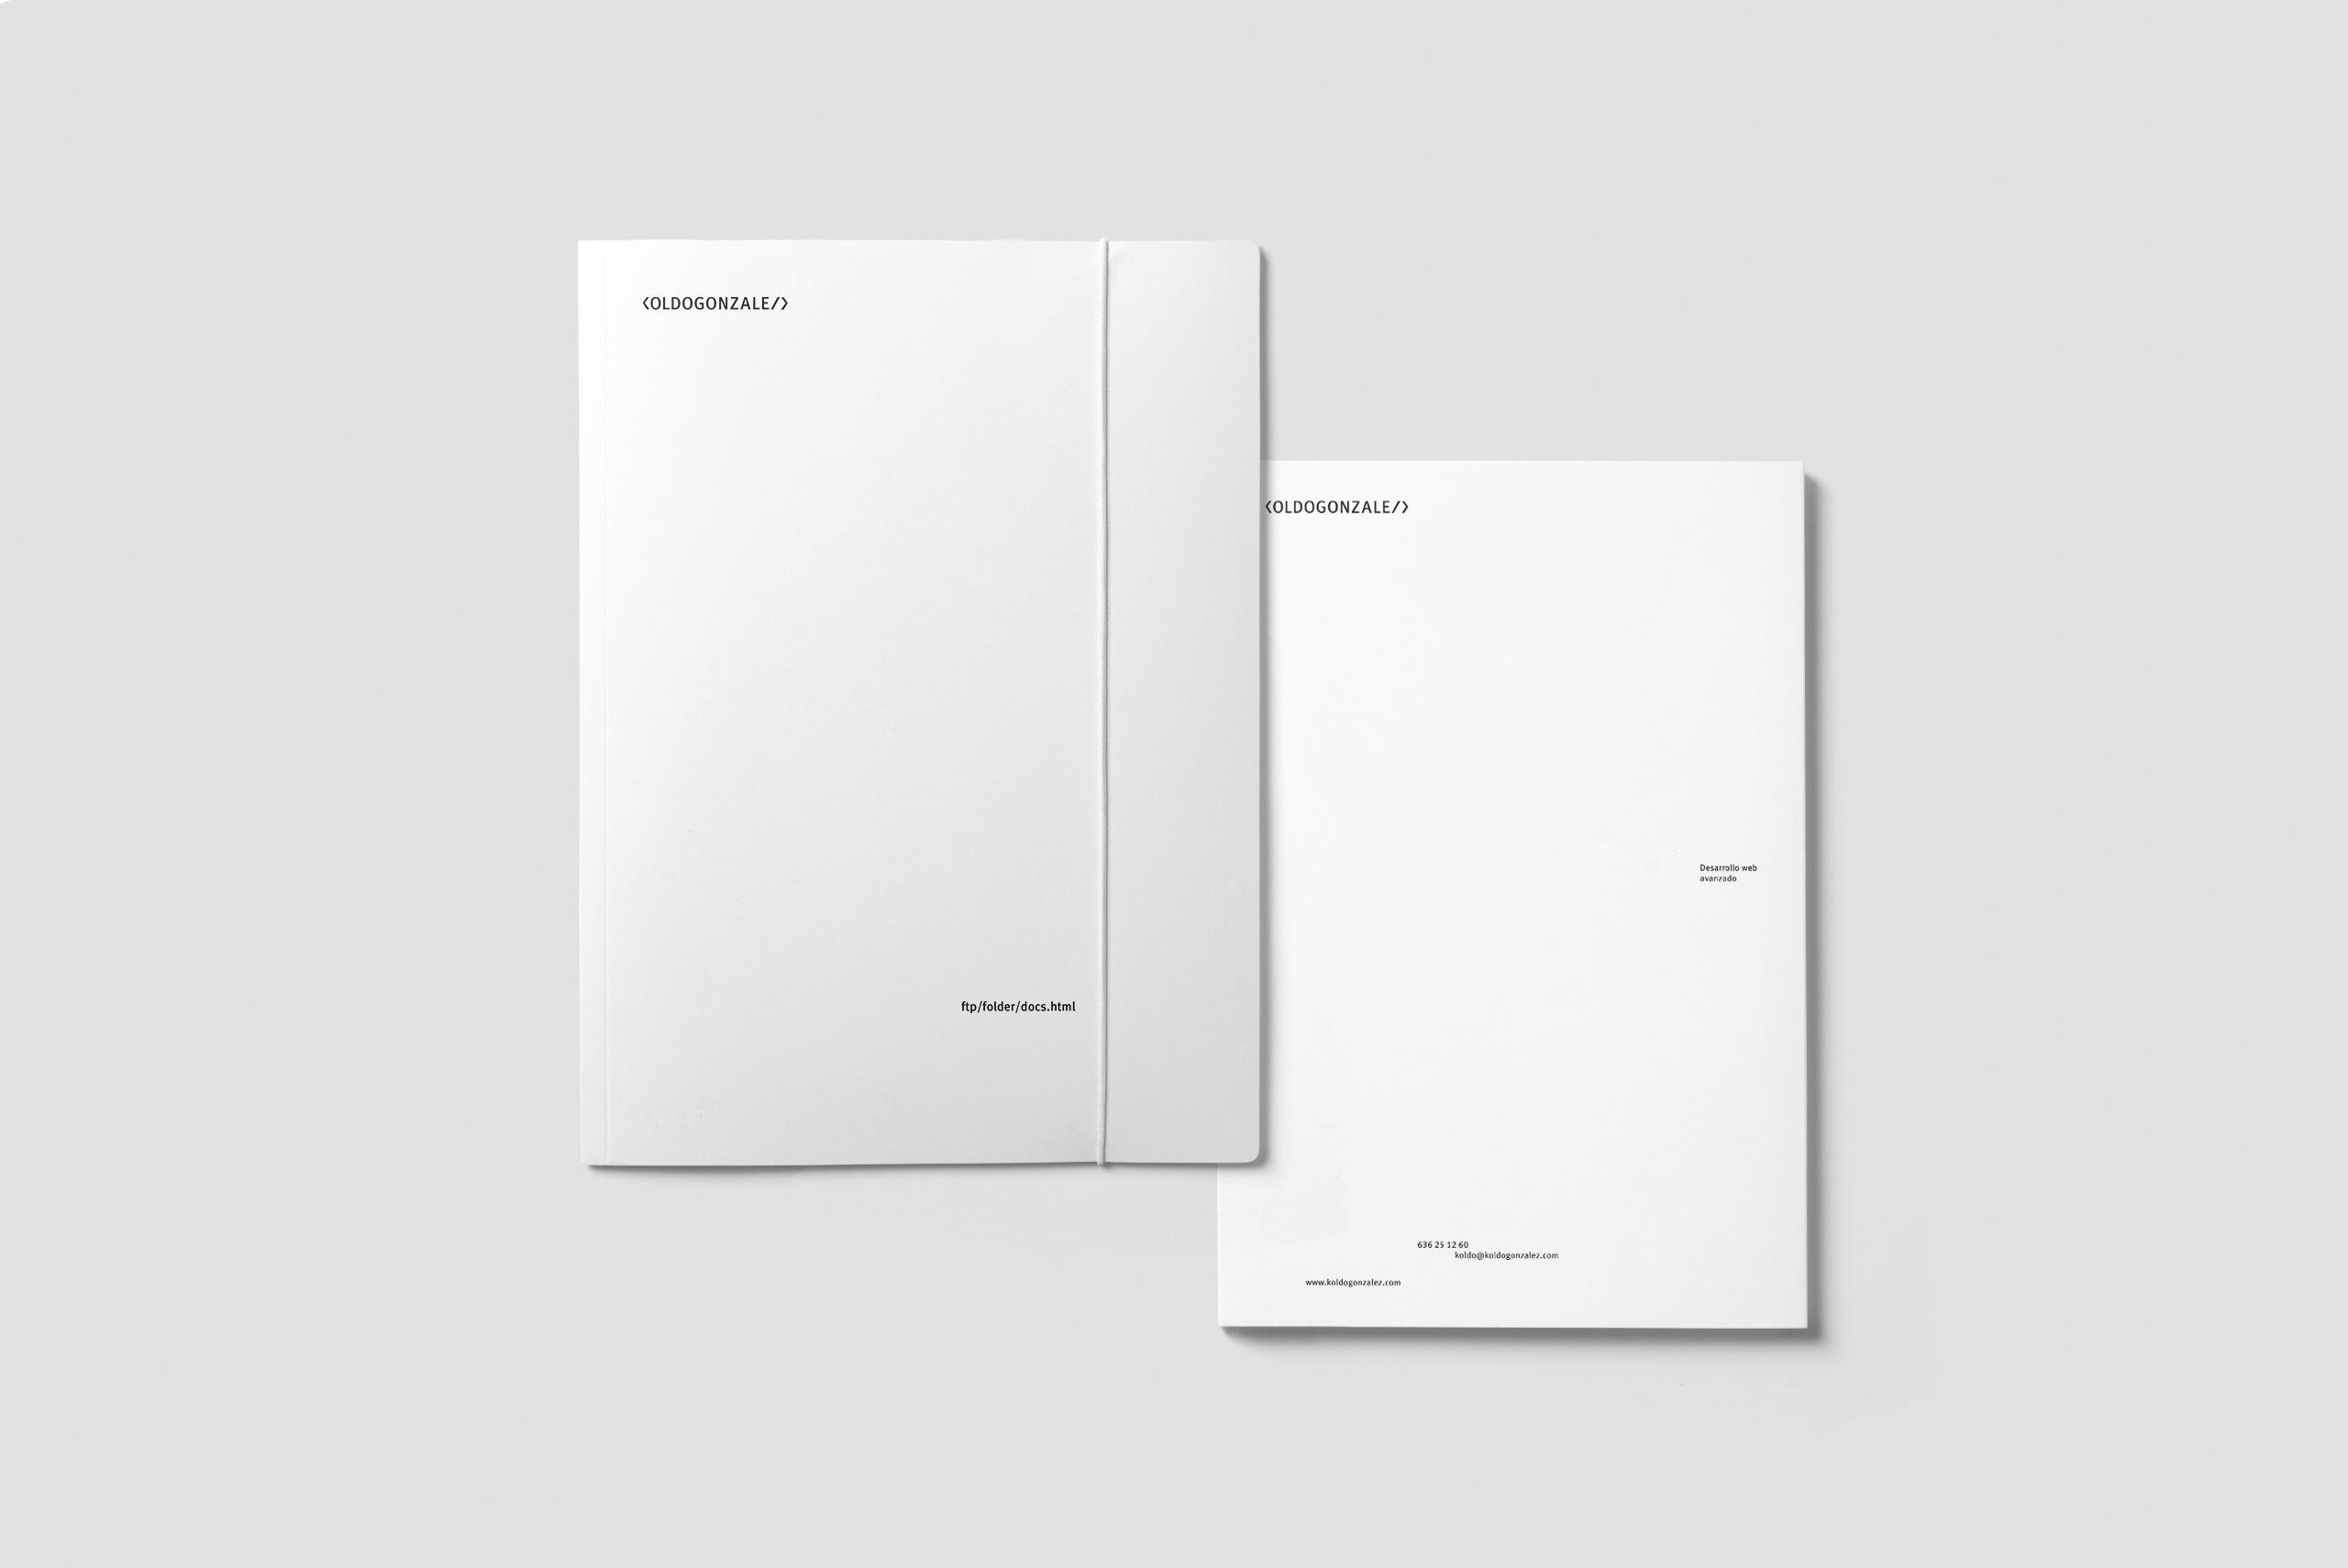 marinagoni-koldogonzalez-folder